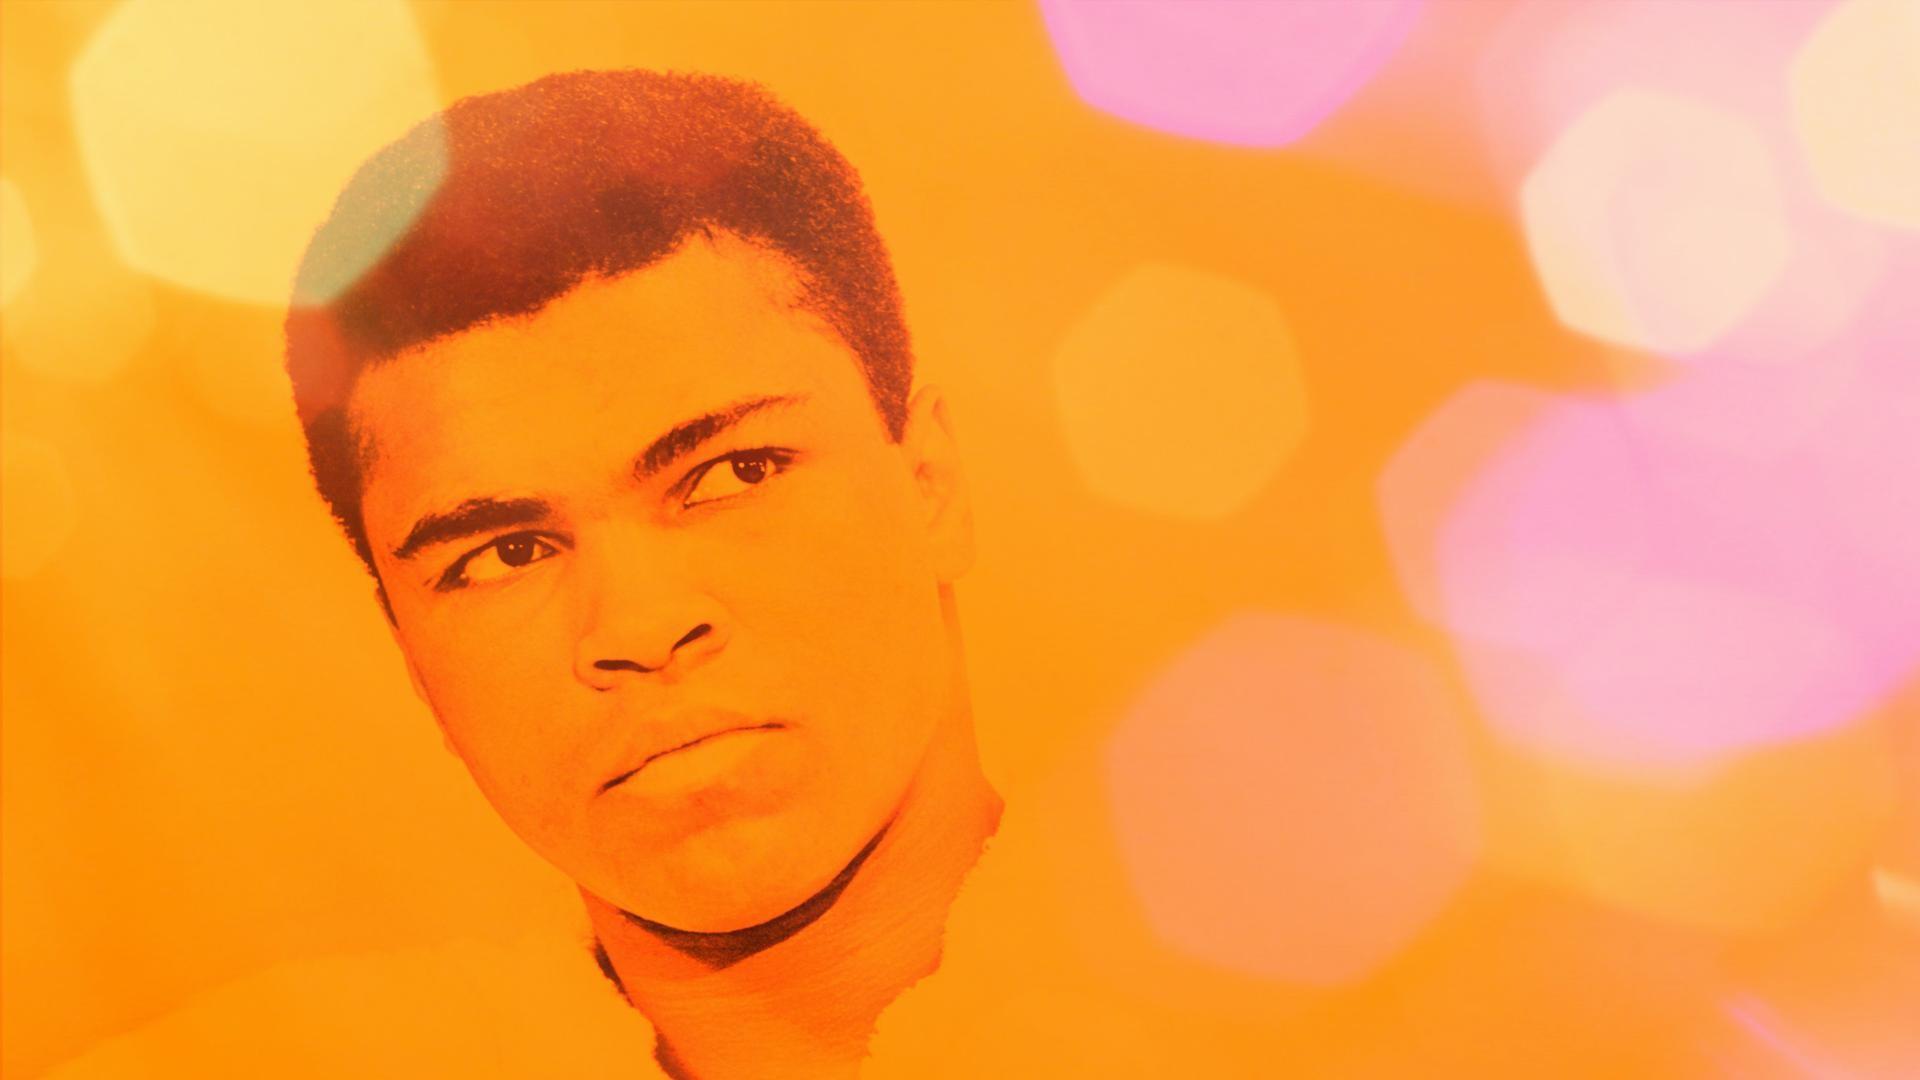 Boxing-Legend-Muhammad-Ali-1920×1080-wallpaper-wp2402996